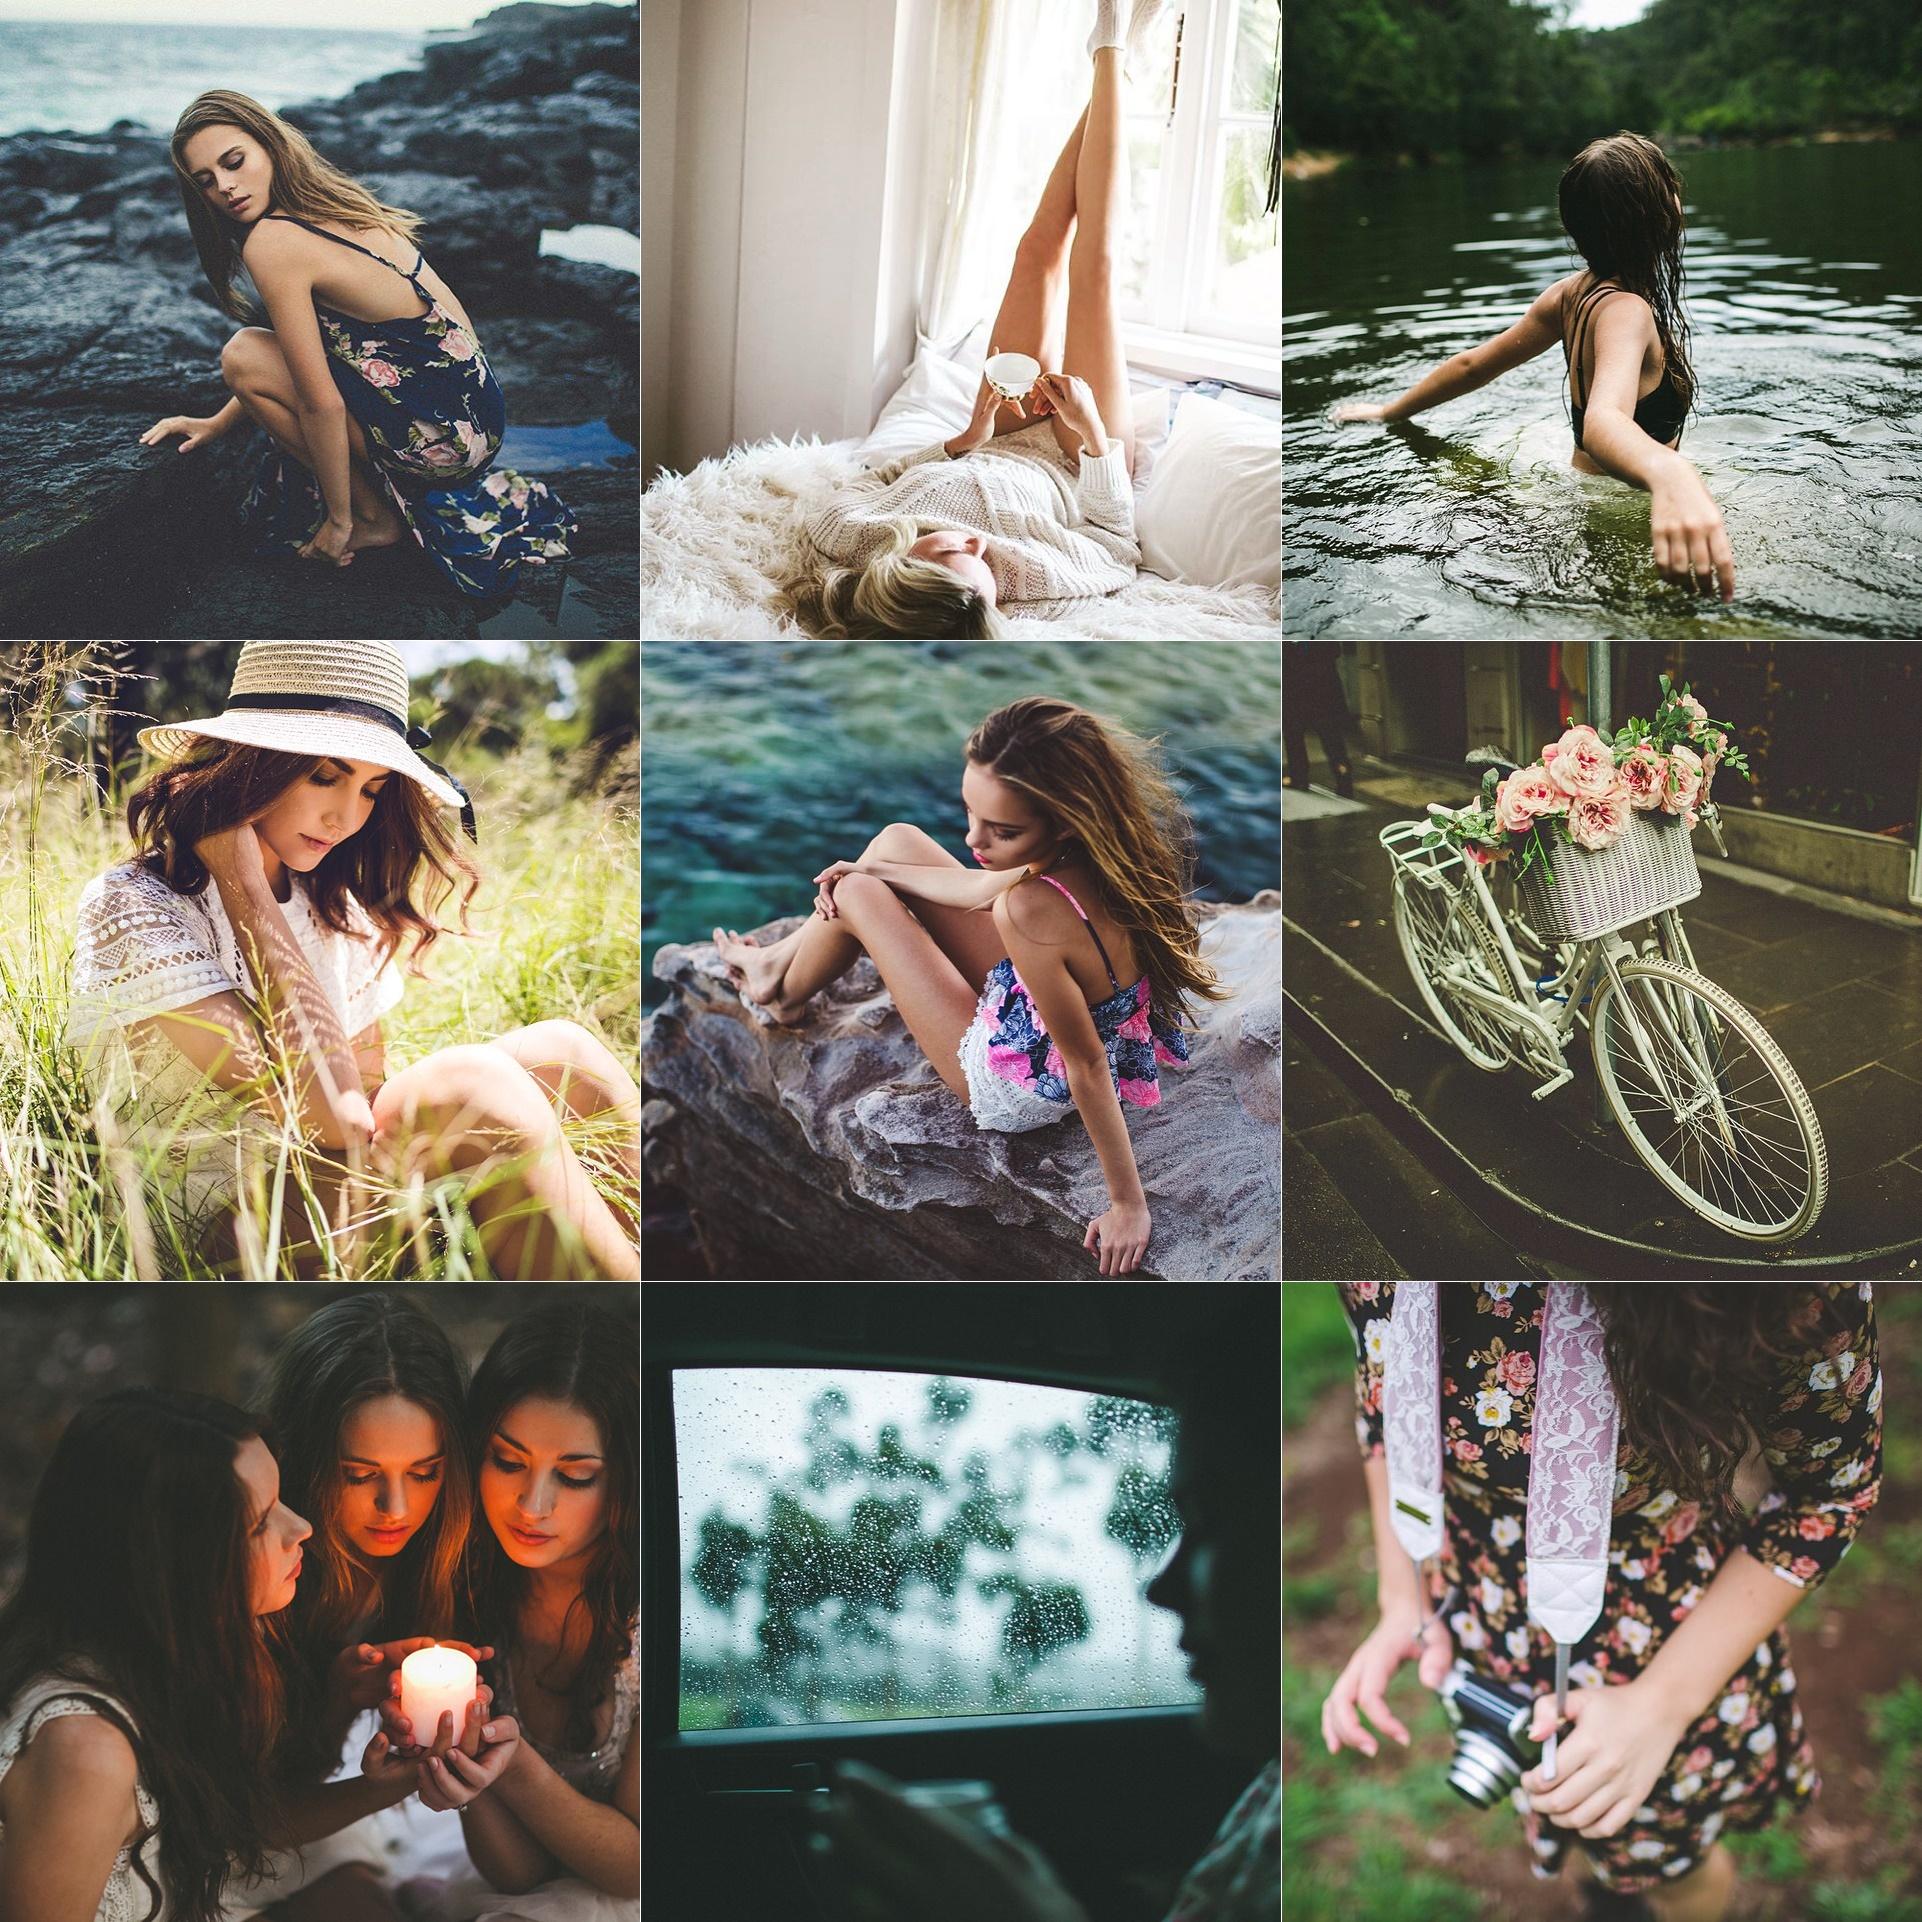 cliques-perfeitos-no-instagram